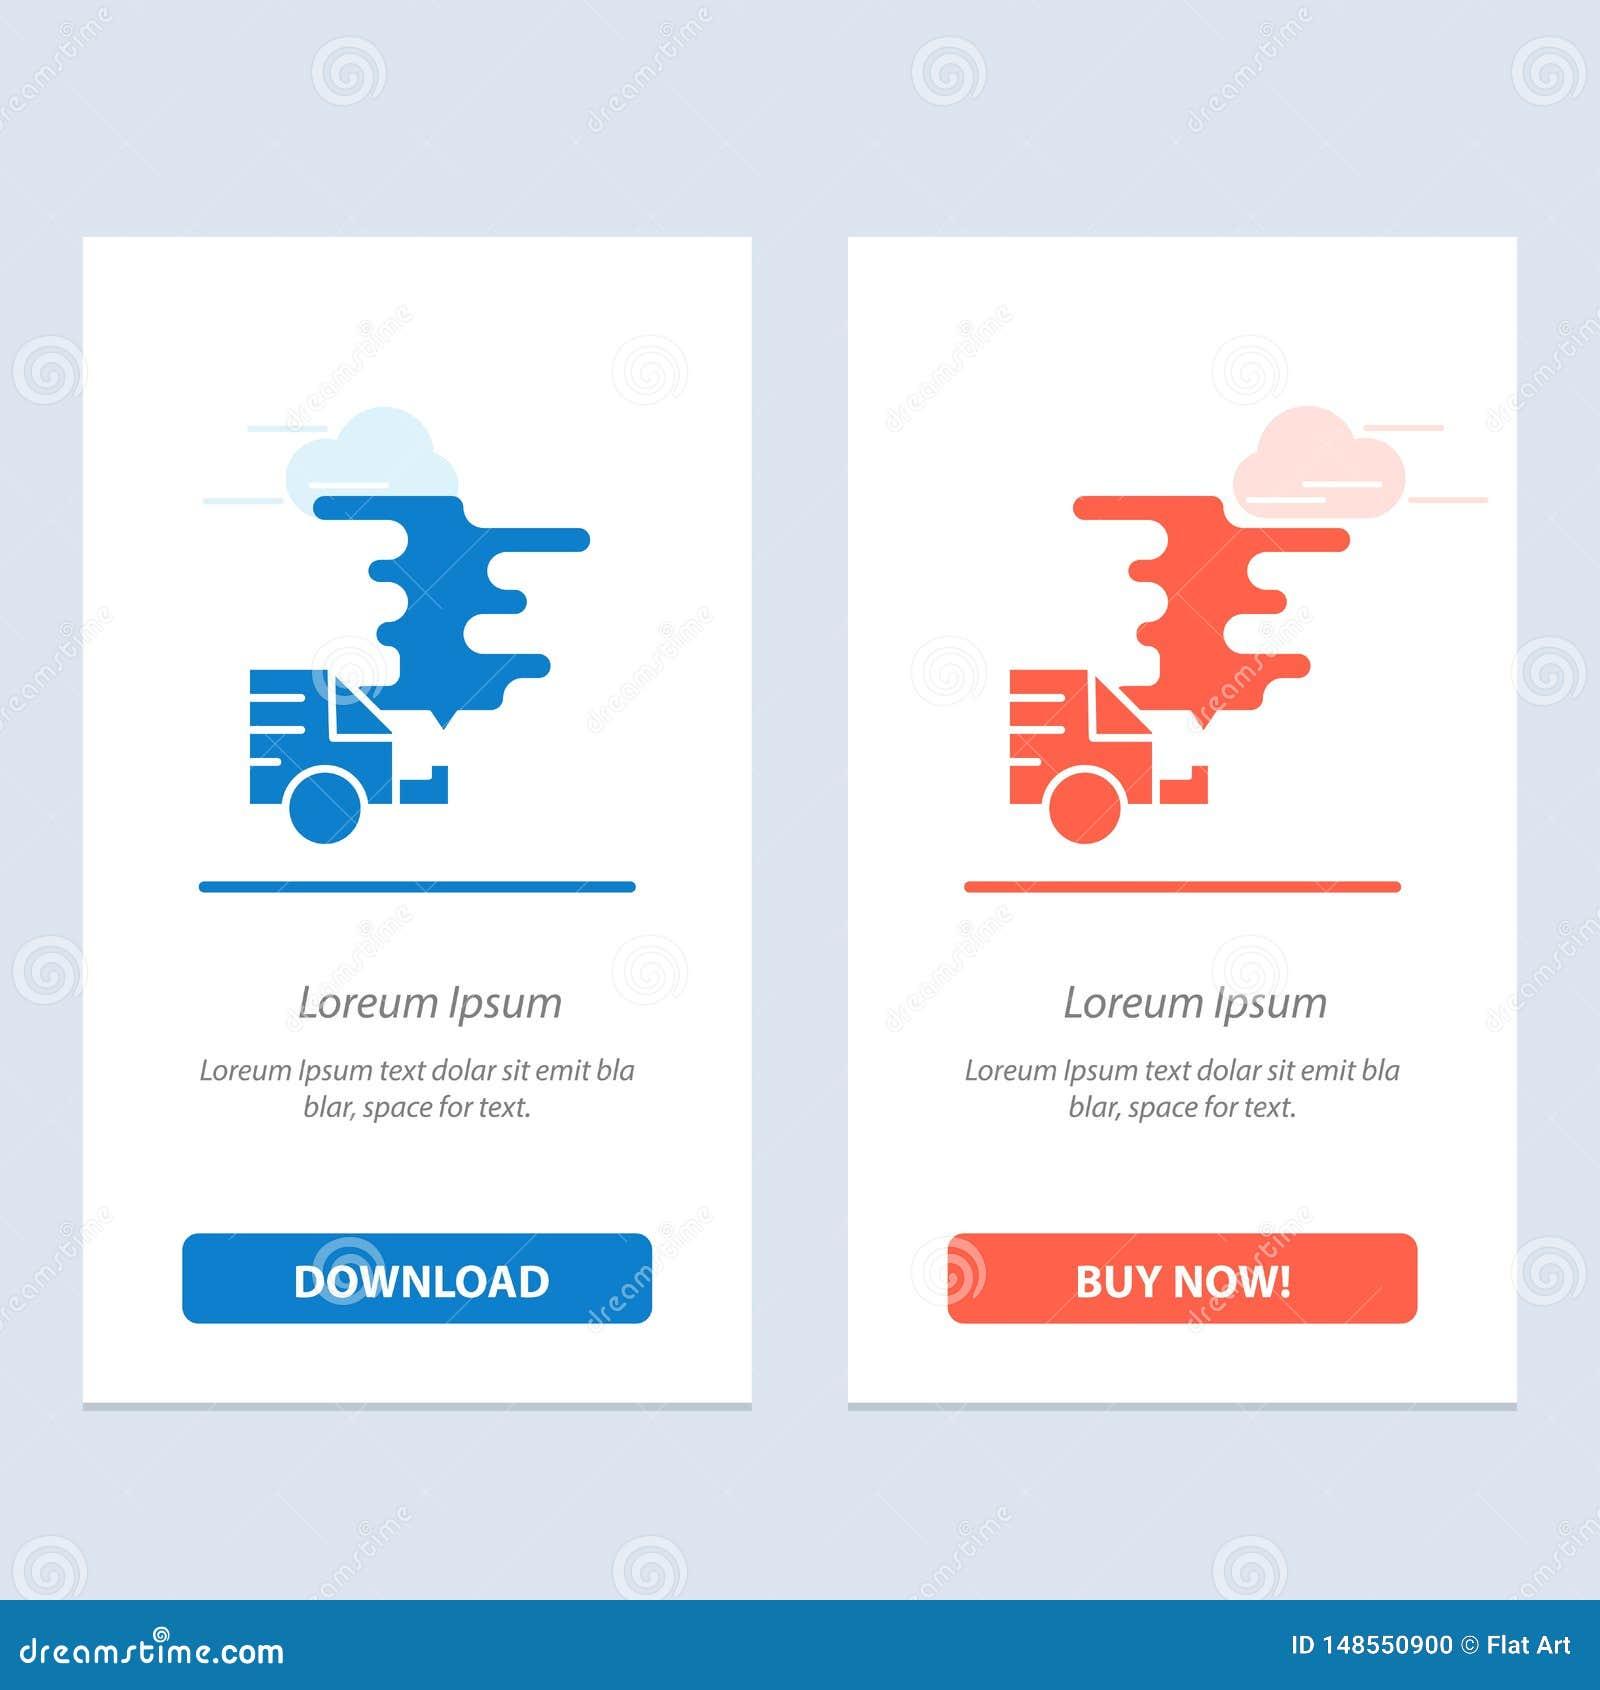 Το αυτοκίνητο, το αυτοκίνητο, η εκπομπή, το αέριο, η ρύπανση μπλε και το κόκκινο μεταφορτώνουν και αγοράζουν τώρα το πρότυπο καρτ